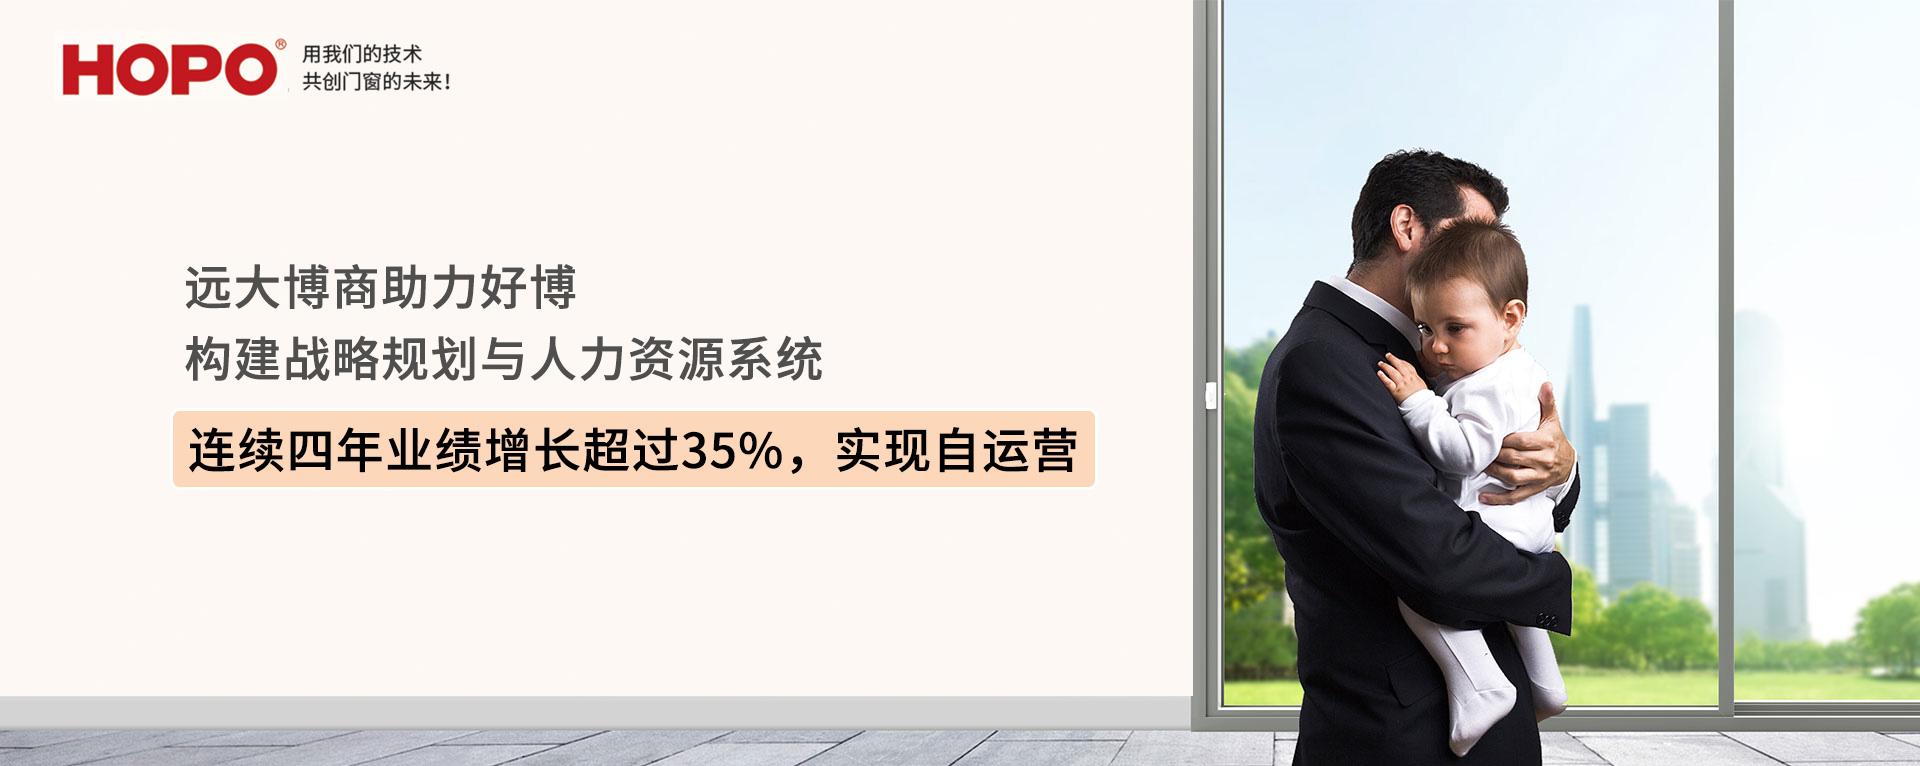 东莞富美康落地供应链管理咨询项目